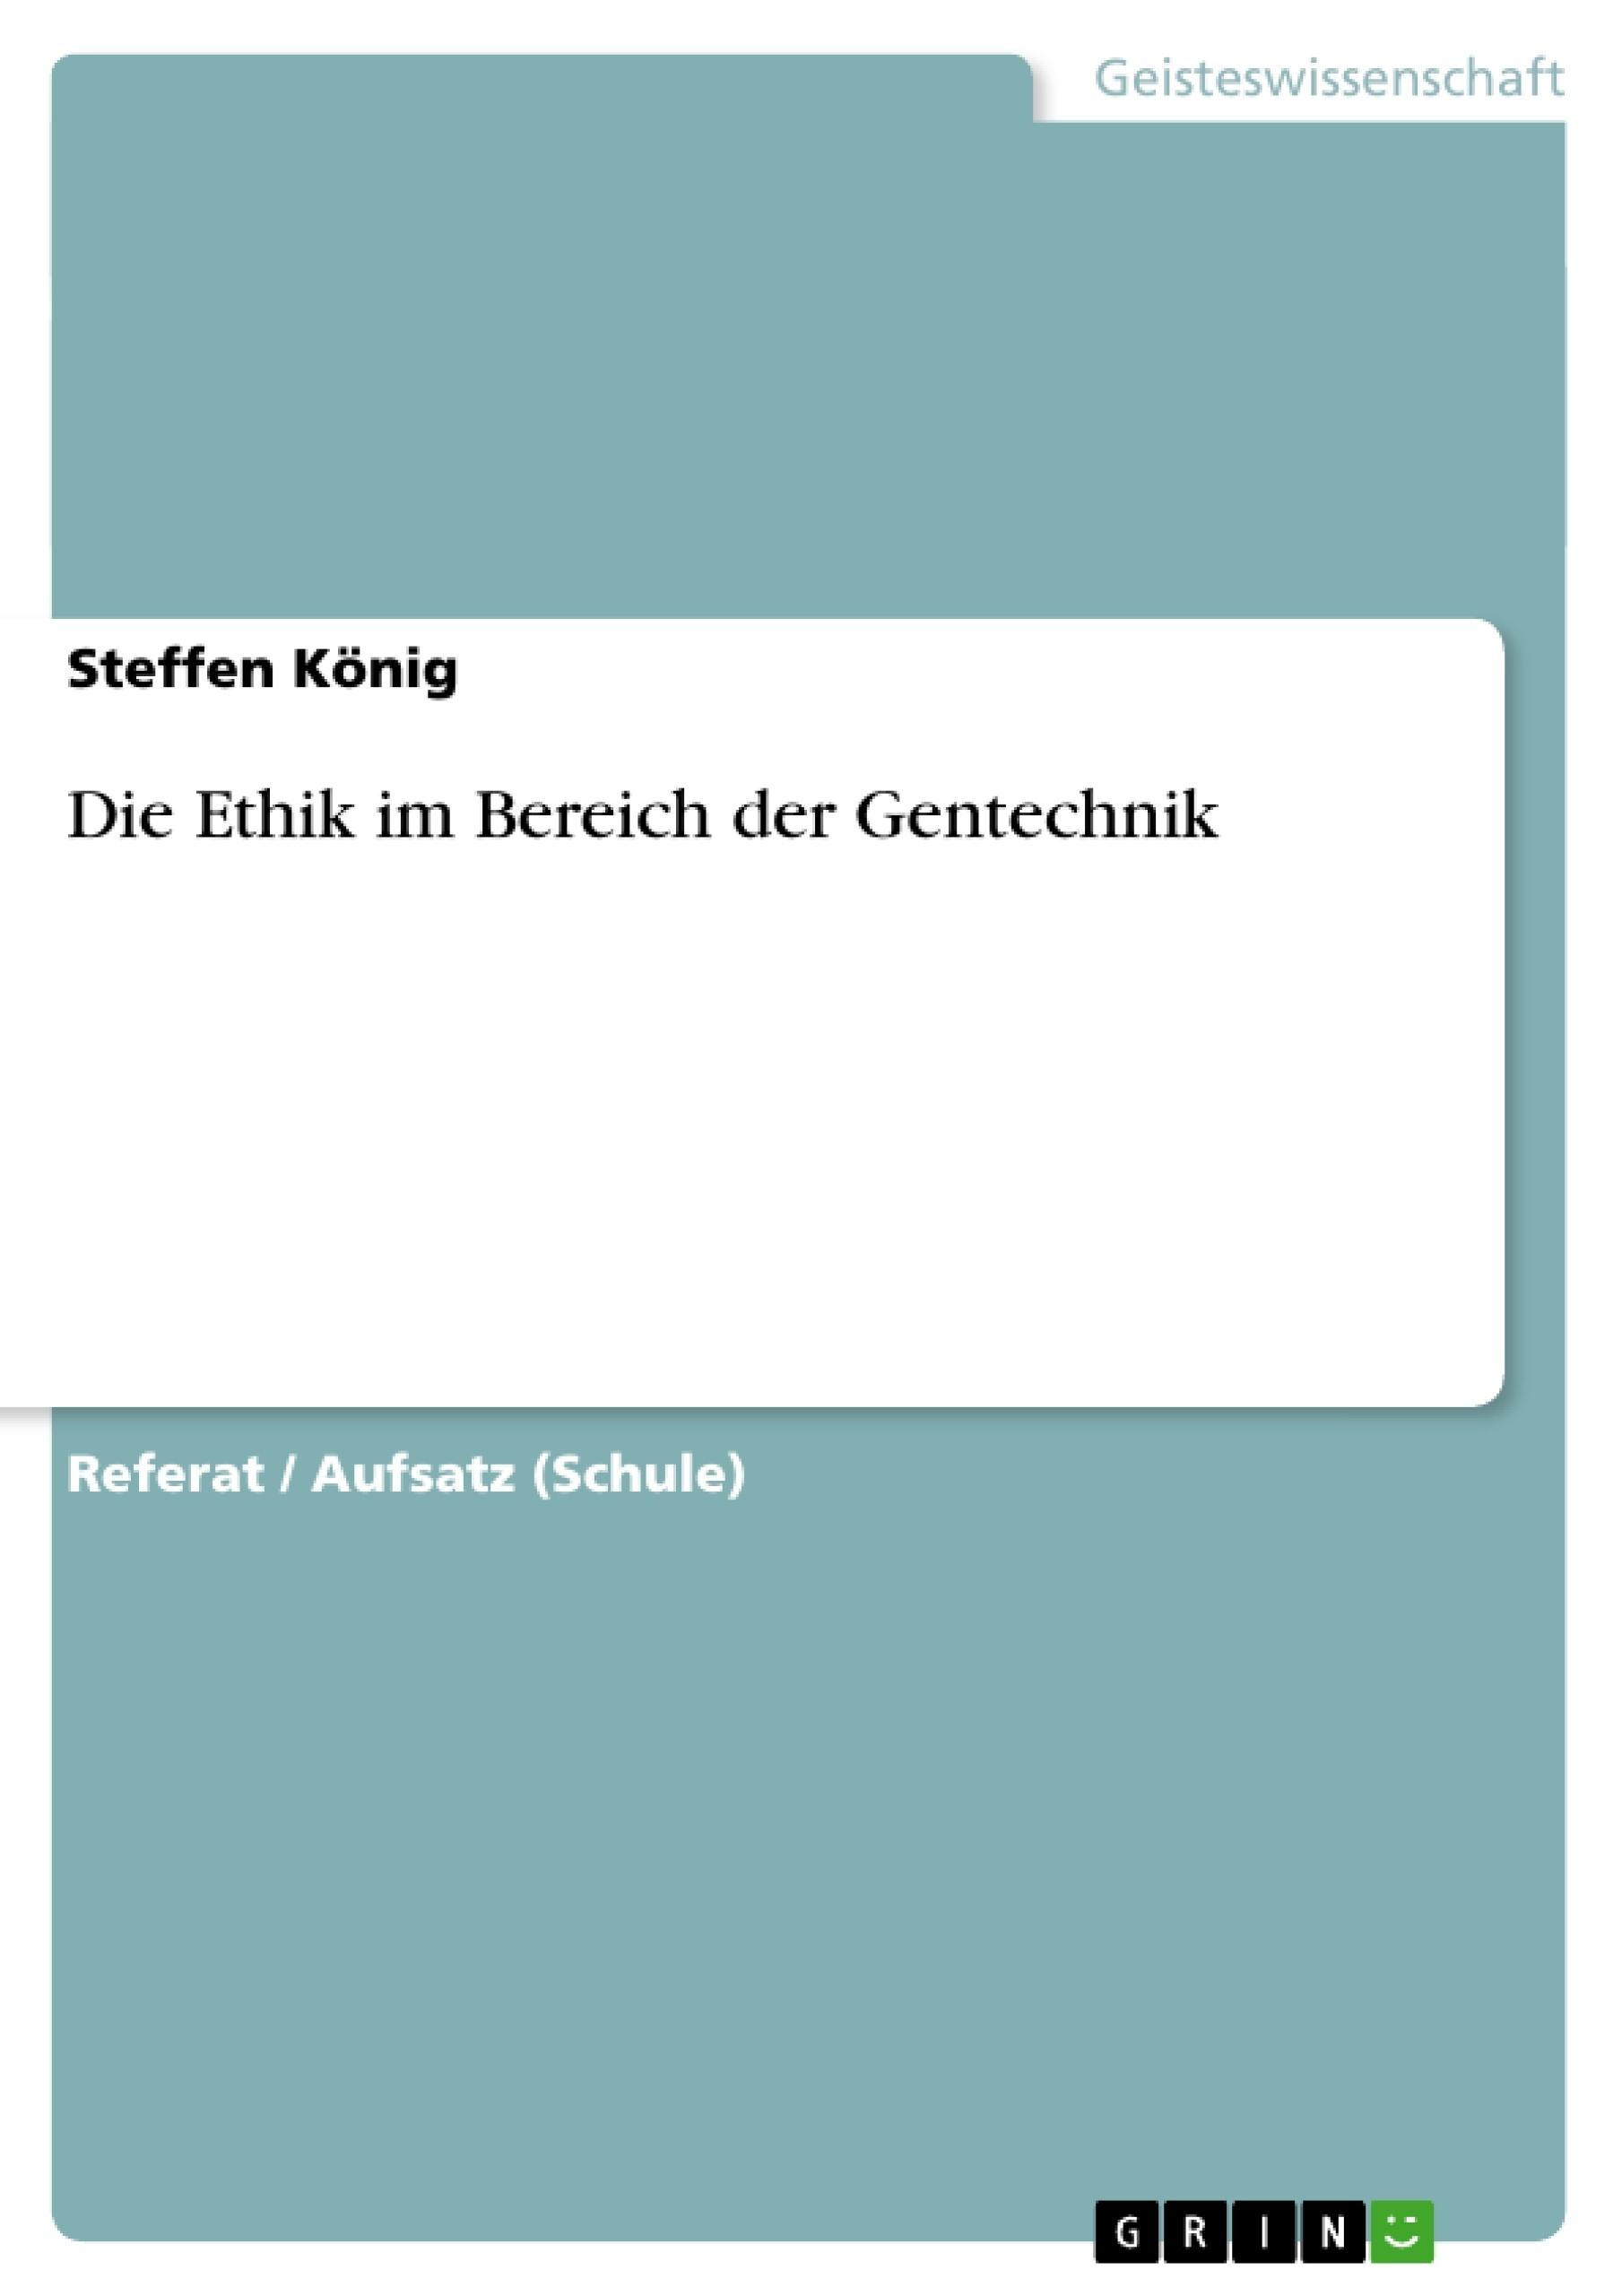 Titel: Die Ethik im Bereich der Gentechnik